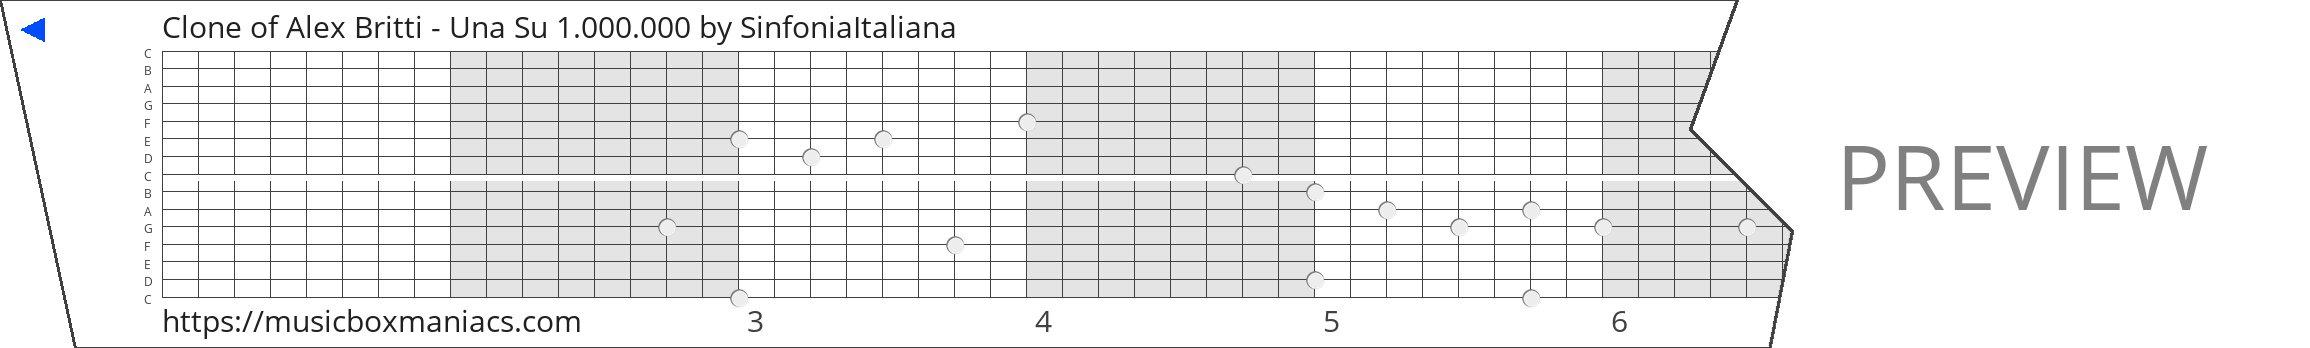 Clone of Alex Britti - Una Su 1.000.000 15 note music box paper strip